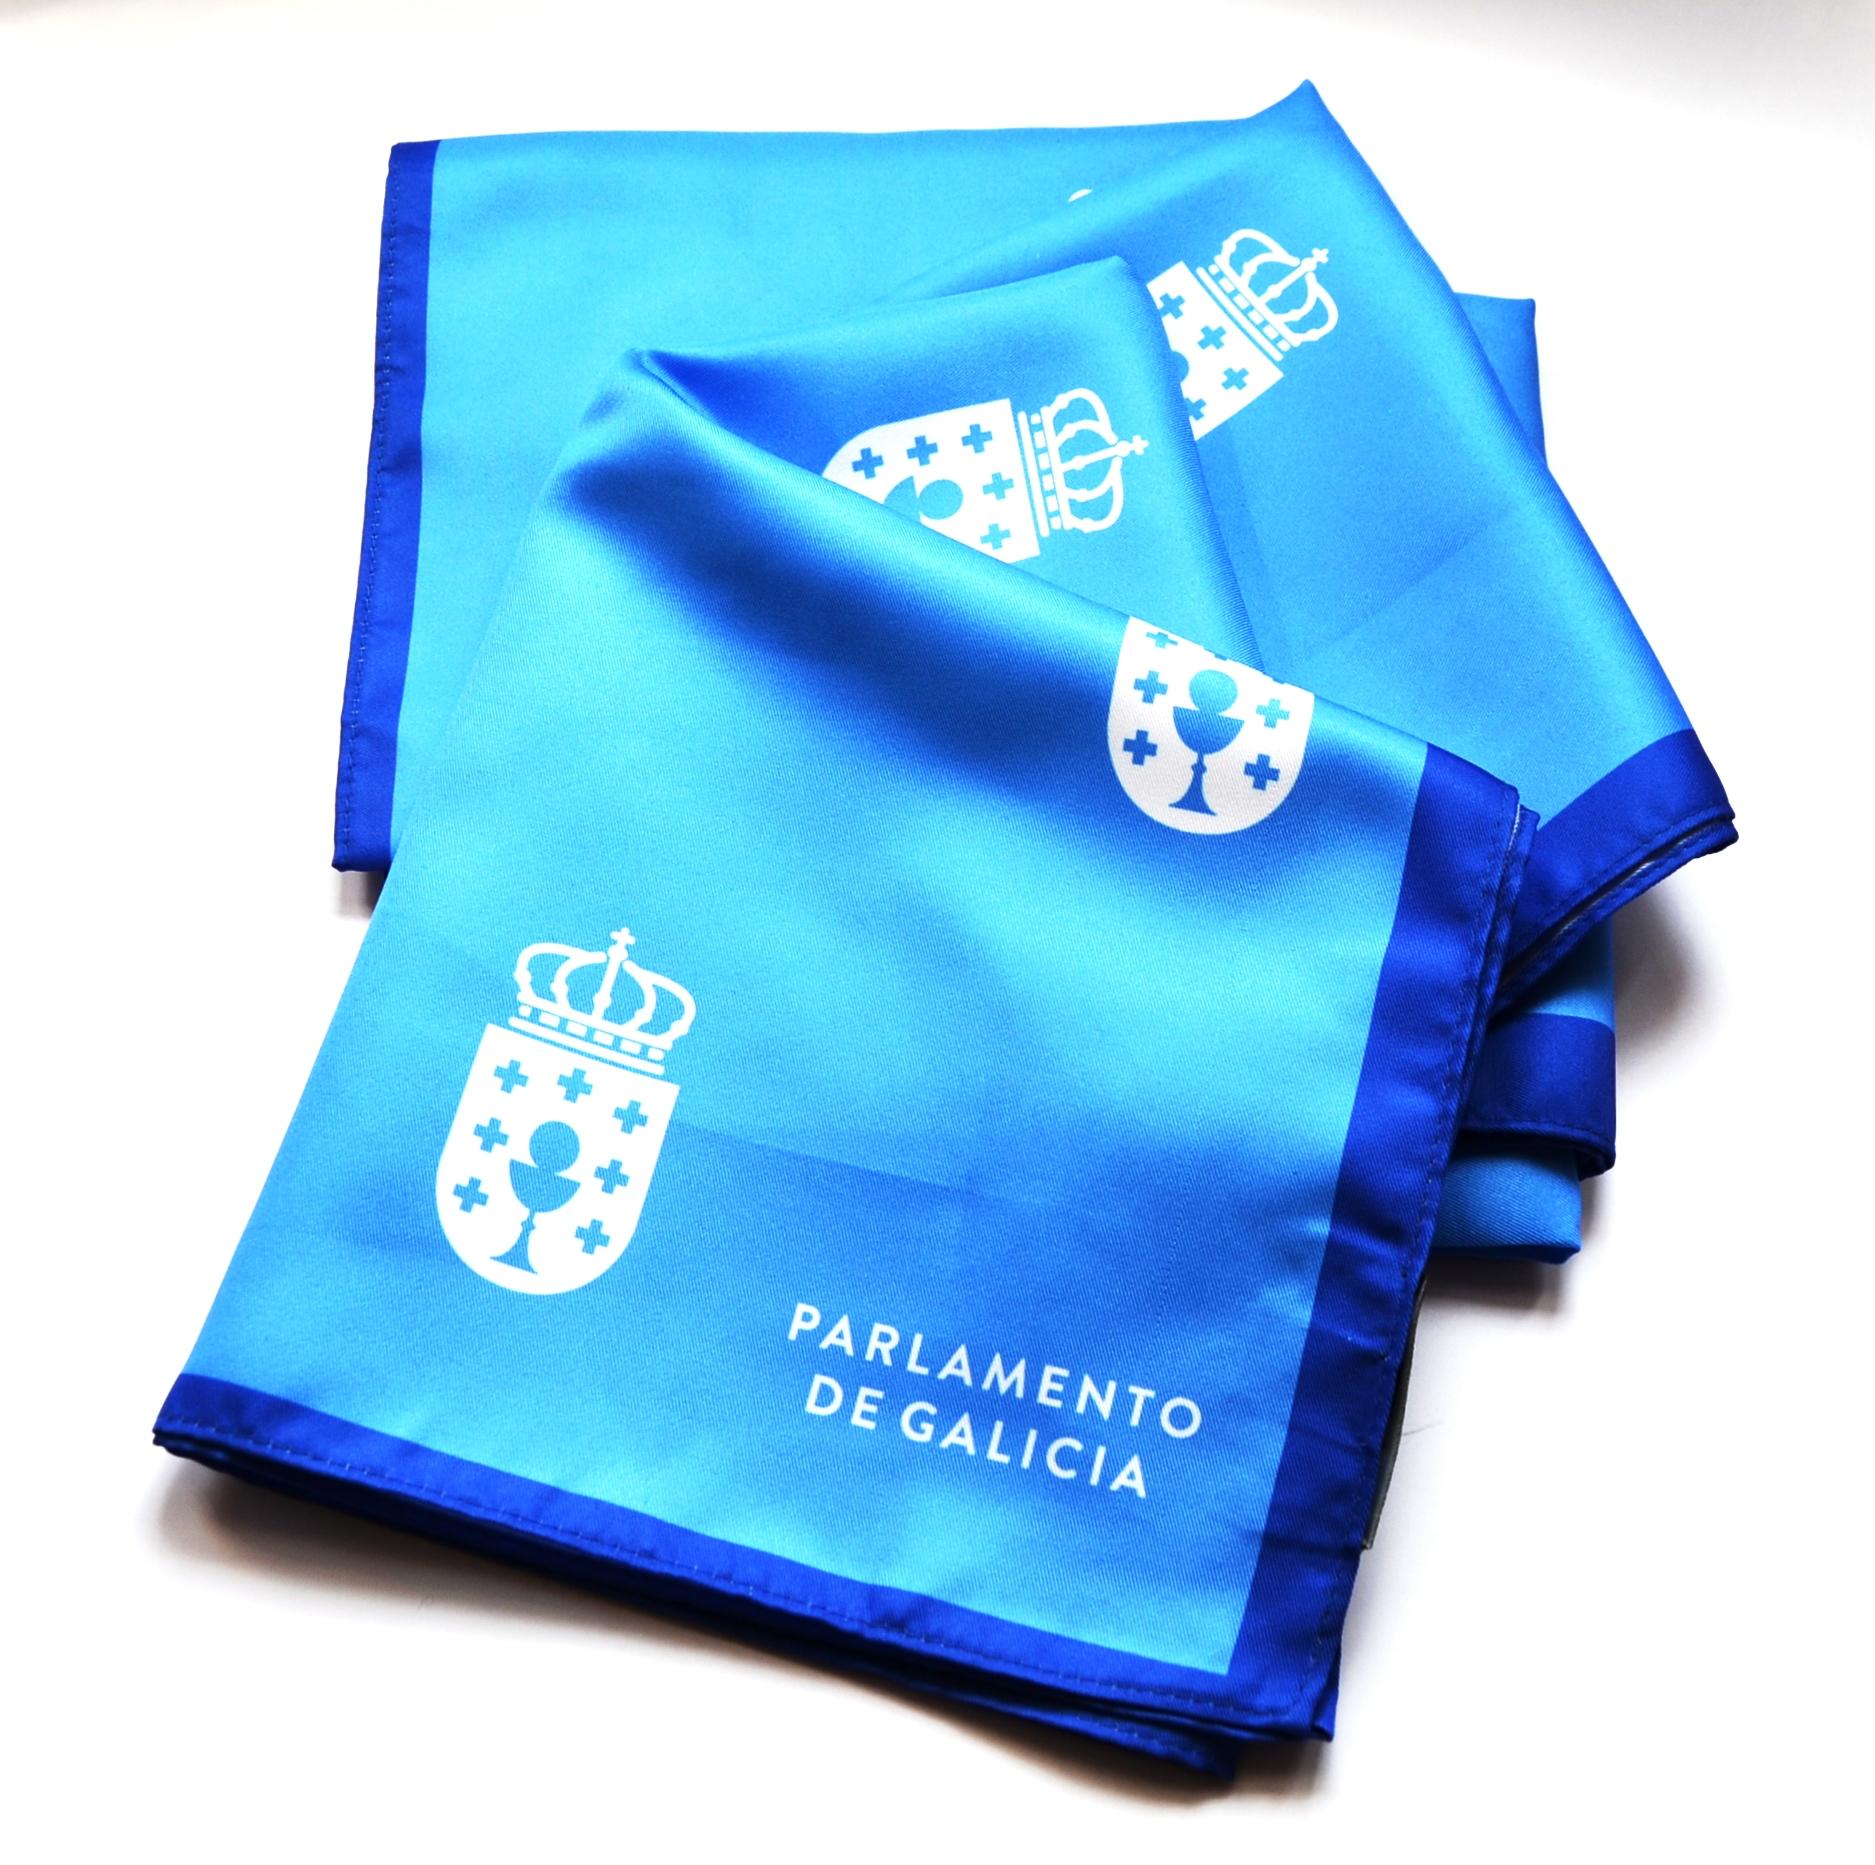 Panos de cor azul con motivos do escudo do Parlamento de Galicia